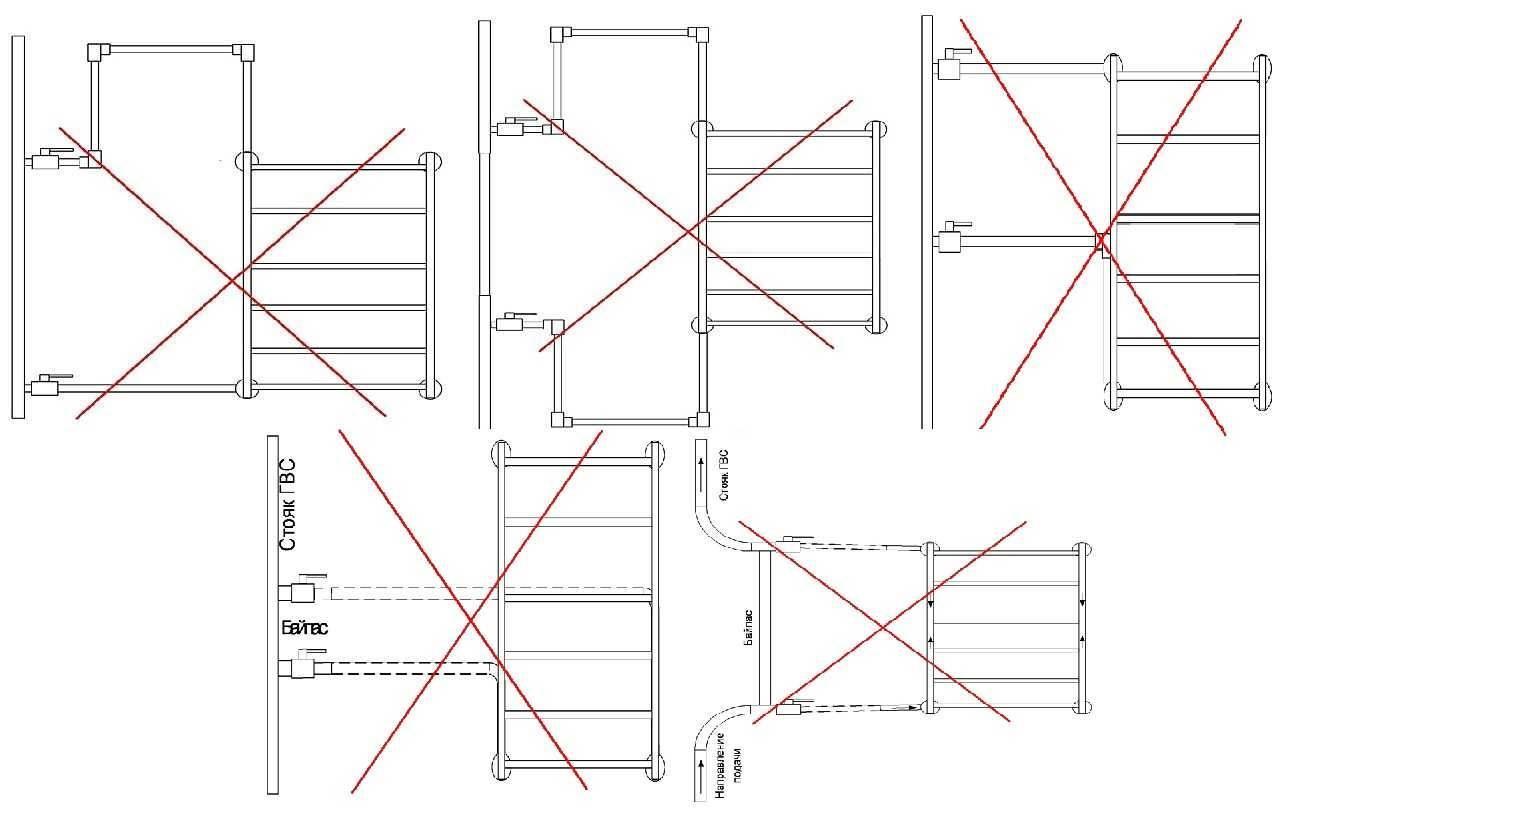 Схема как подключить водяной теплый пол к системе отопления